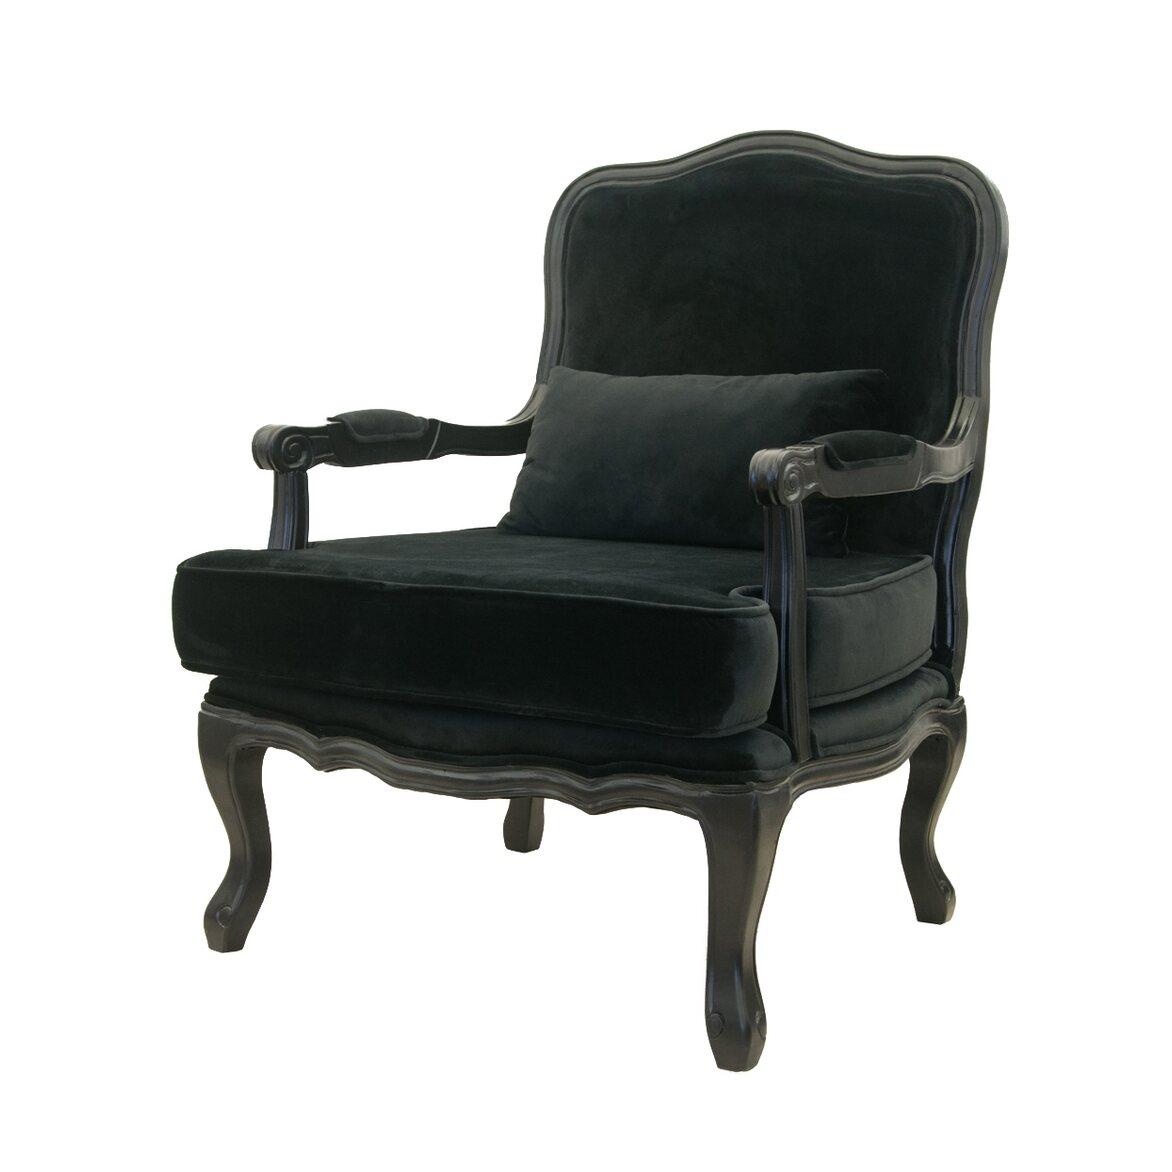 Кресло Nitro black 4 | Кресло-стул Kingsby